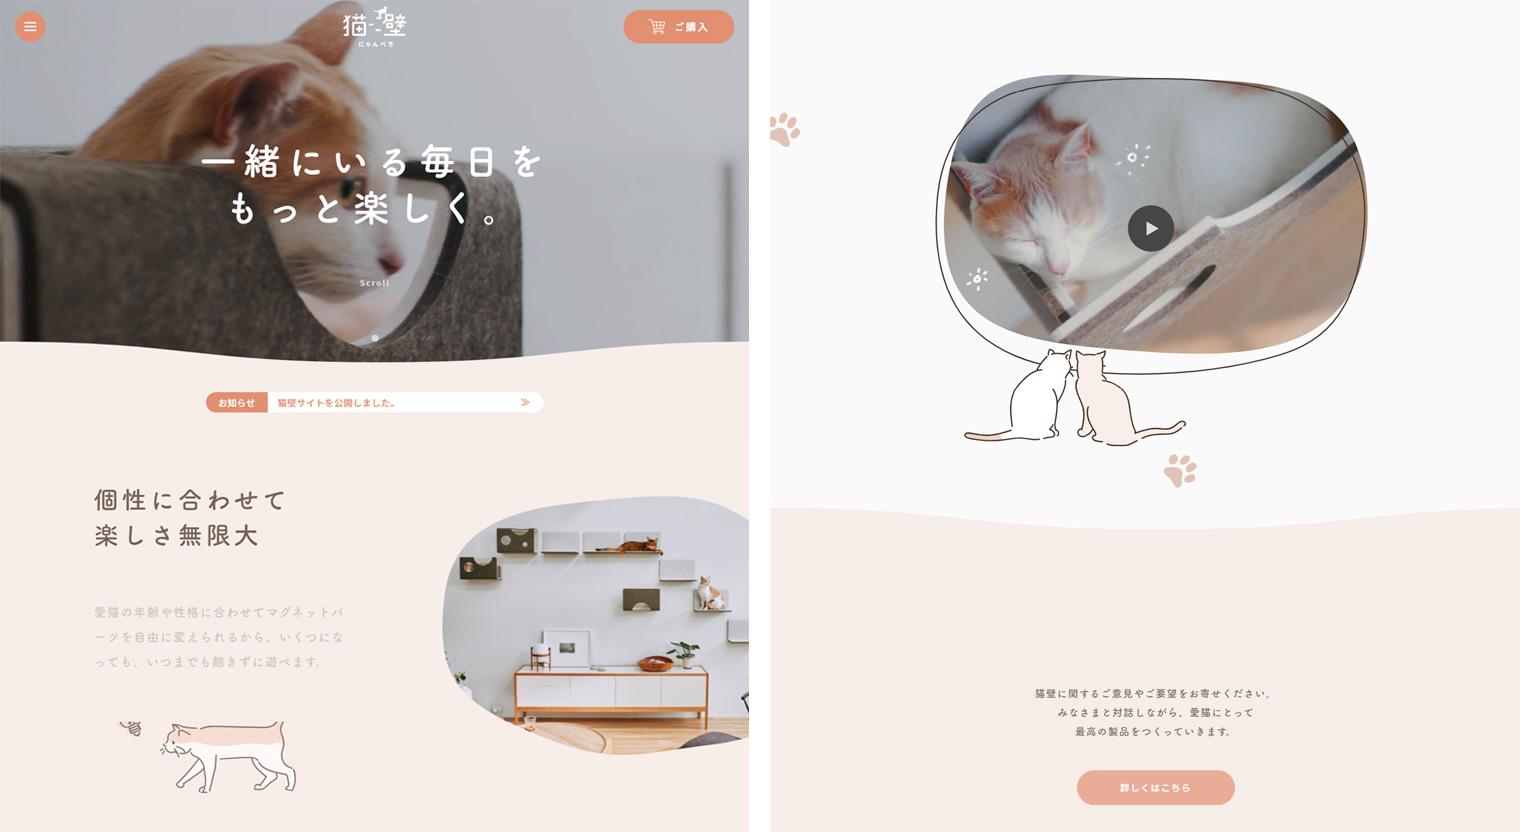 猫壁の公式Webサイト